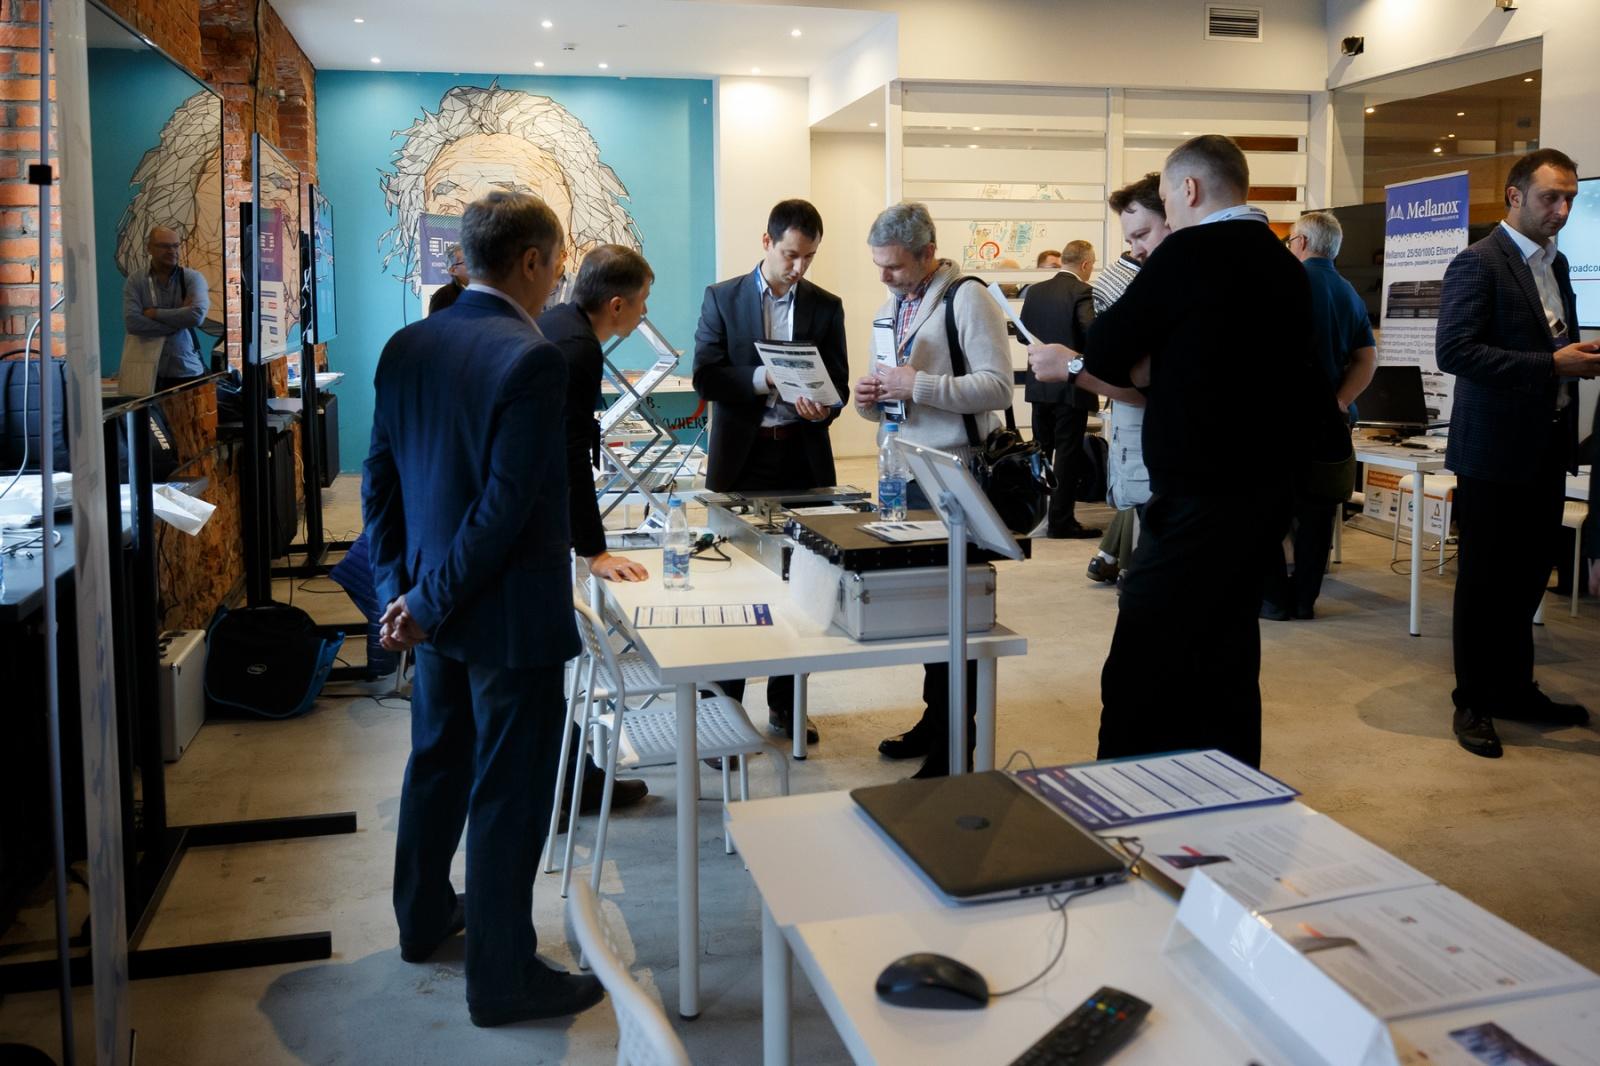 Конференция ПРОSTOR 2018: вопросы и ответы про будущее СХД - 38